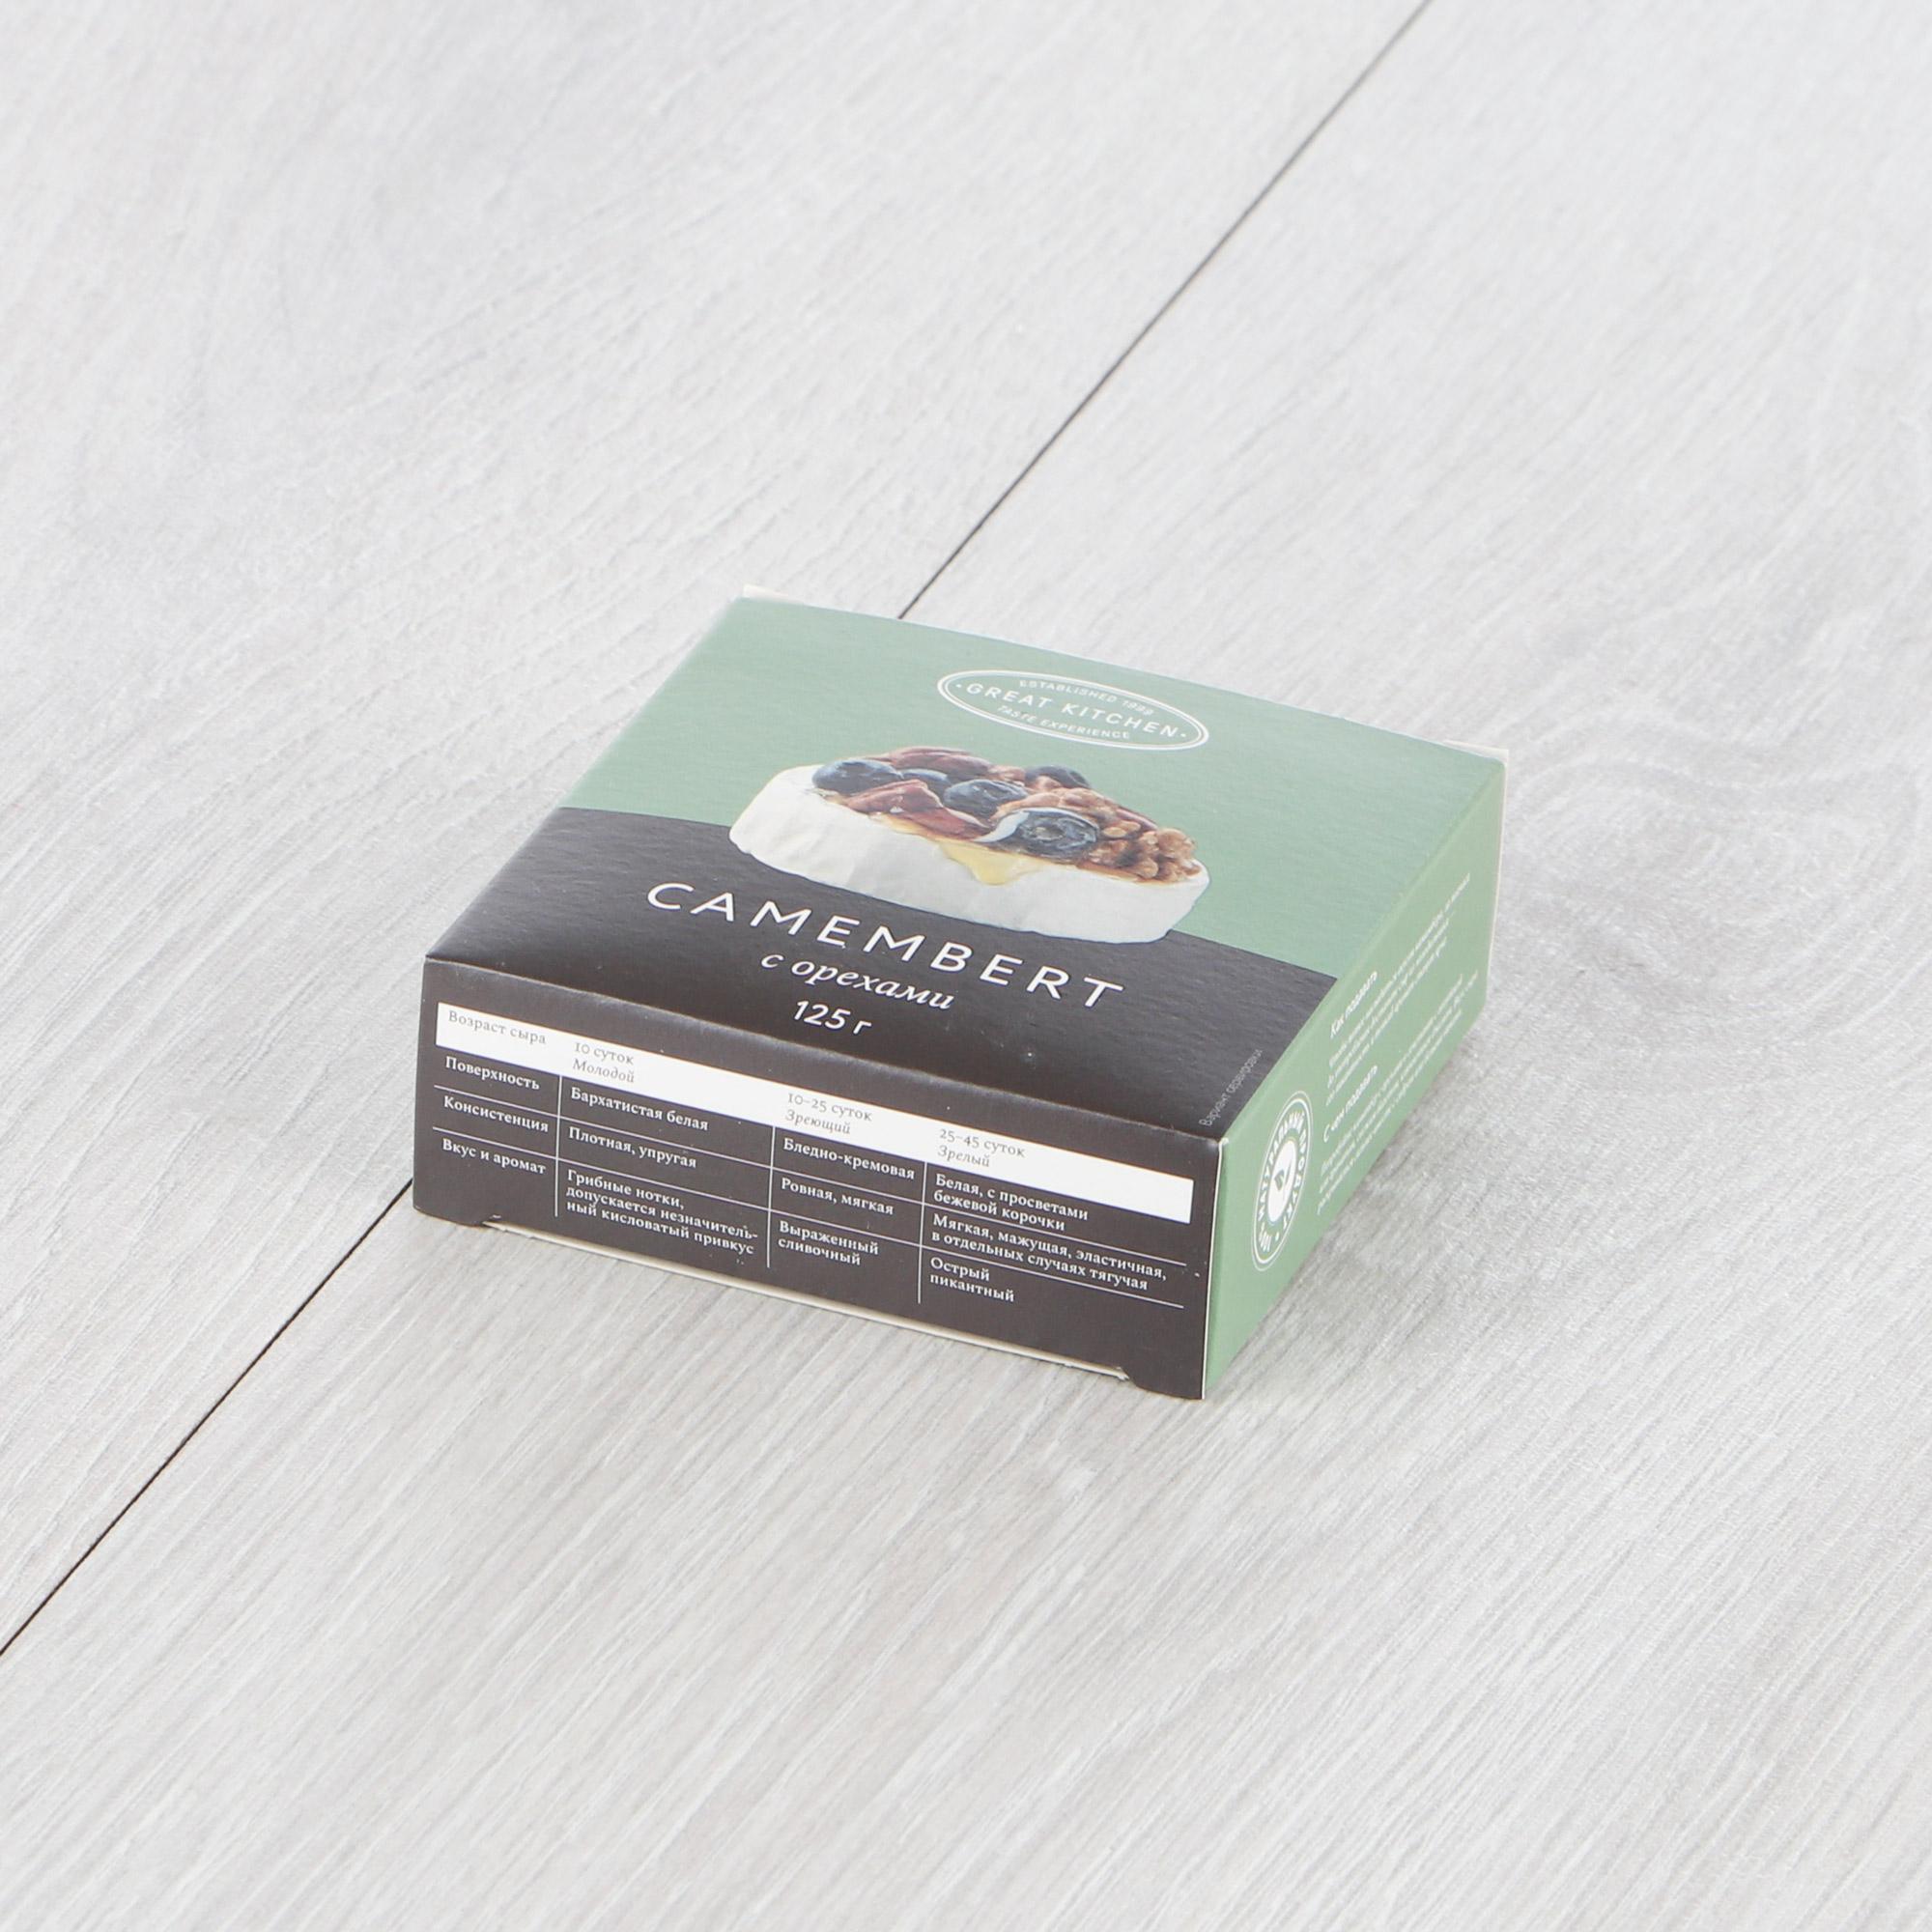 Фото - Сыр Camambert Blanc мягкий с орехами 50% 125 г шоколадный баточник nuts с орехами 50 г